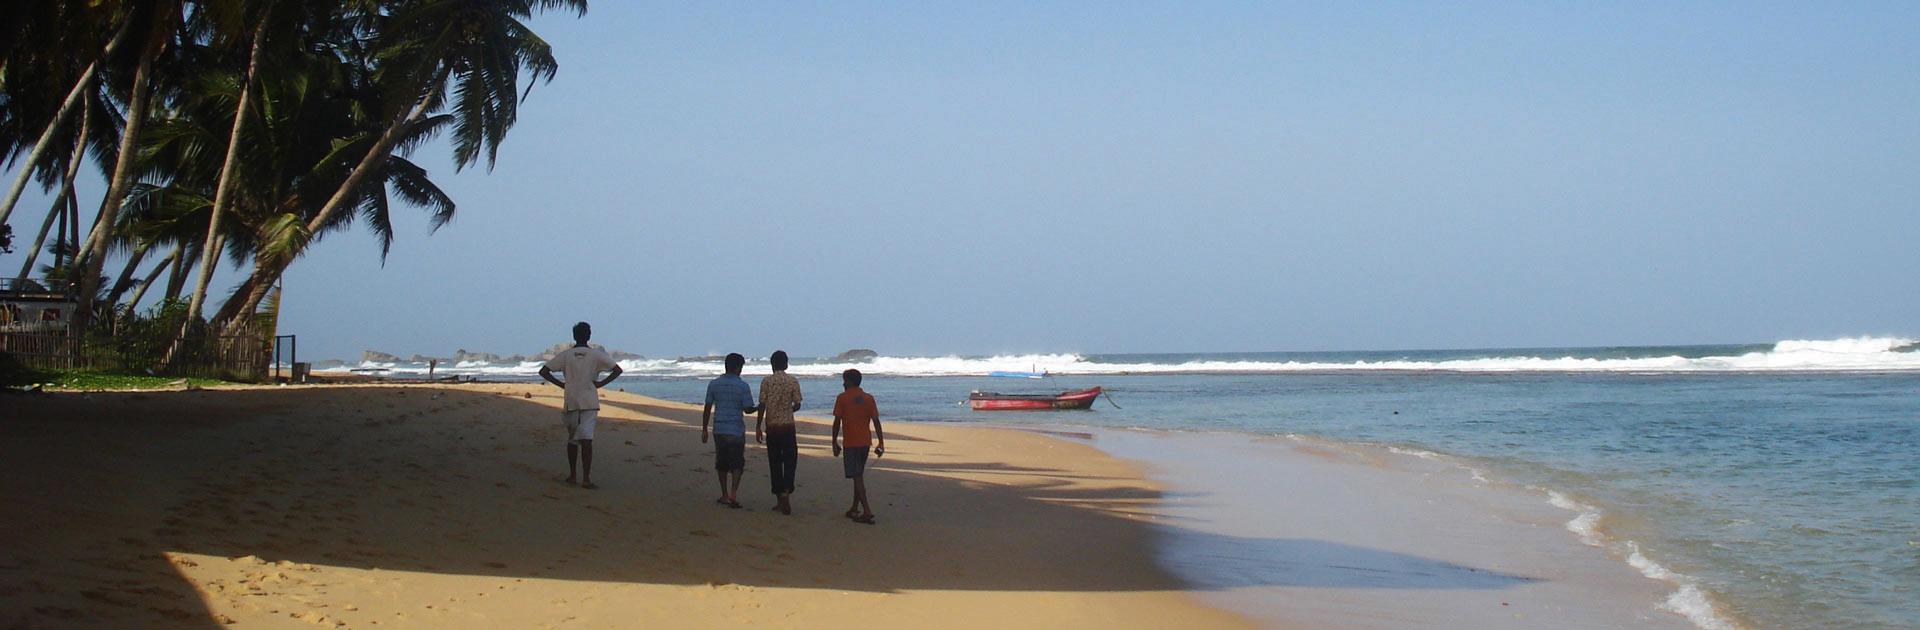 LK Explore Sri Lanka con playas Nordeste 12 días 3